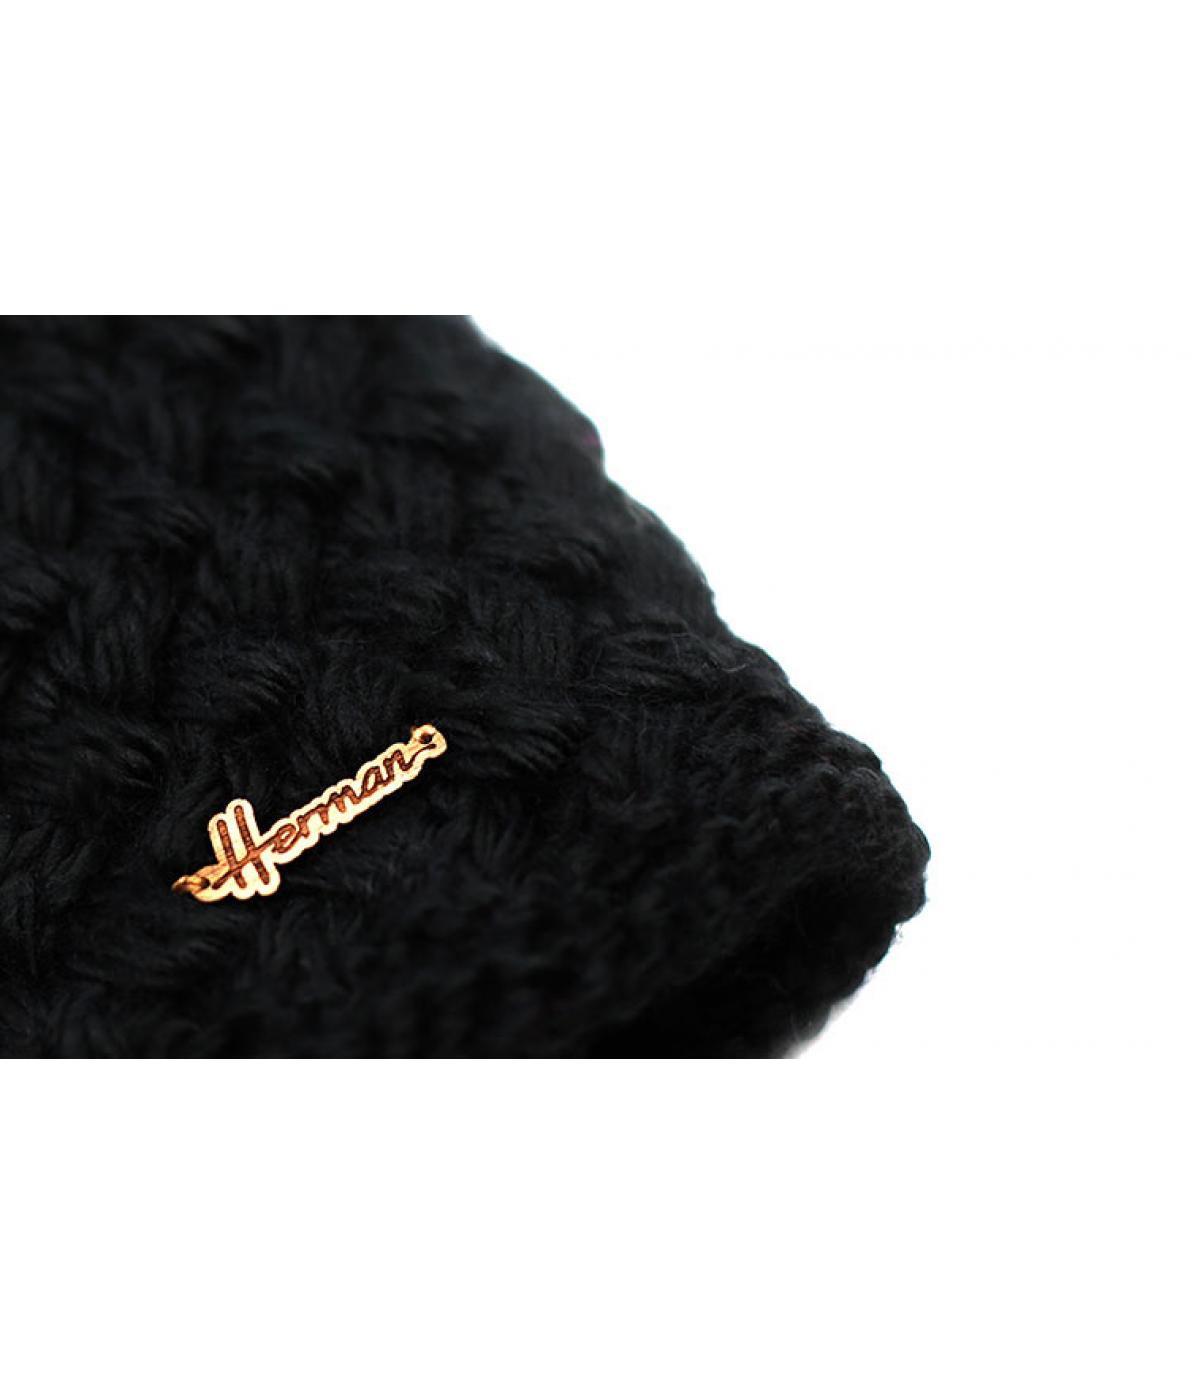 Details Iloha Gloves black - afbeeling 2